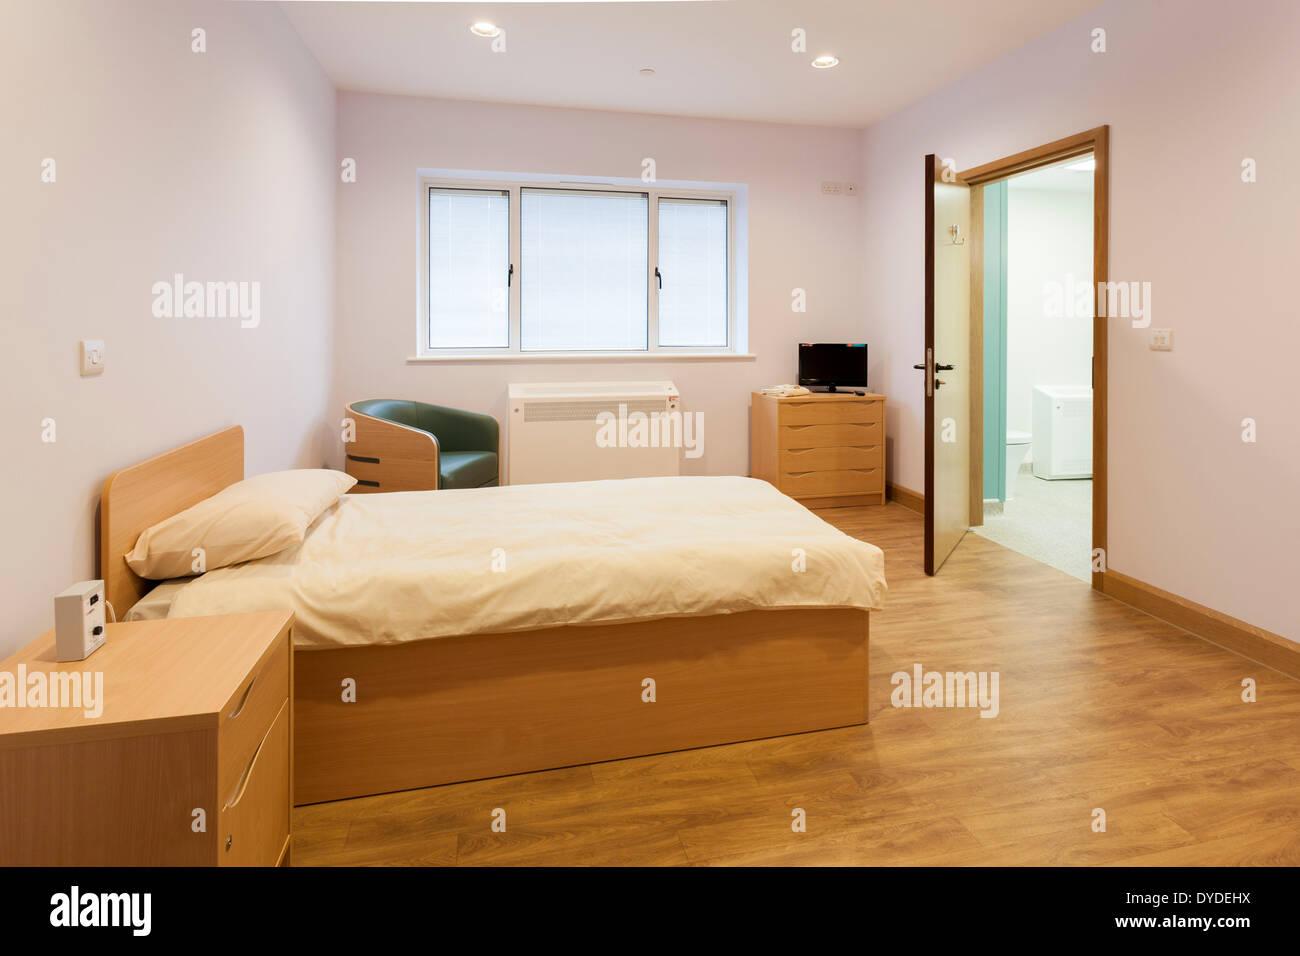 Unoccupied care home bedroom with open door to en suite bathroom. Unoccupied care home bedroom with open door to en suite bathroom